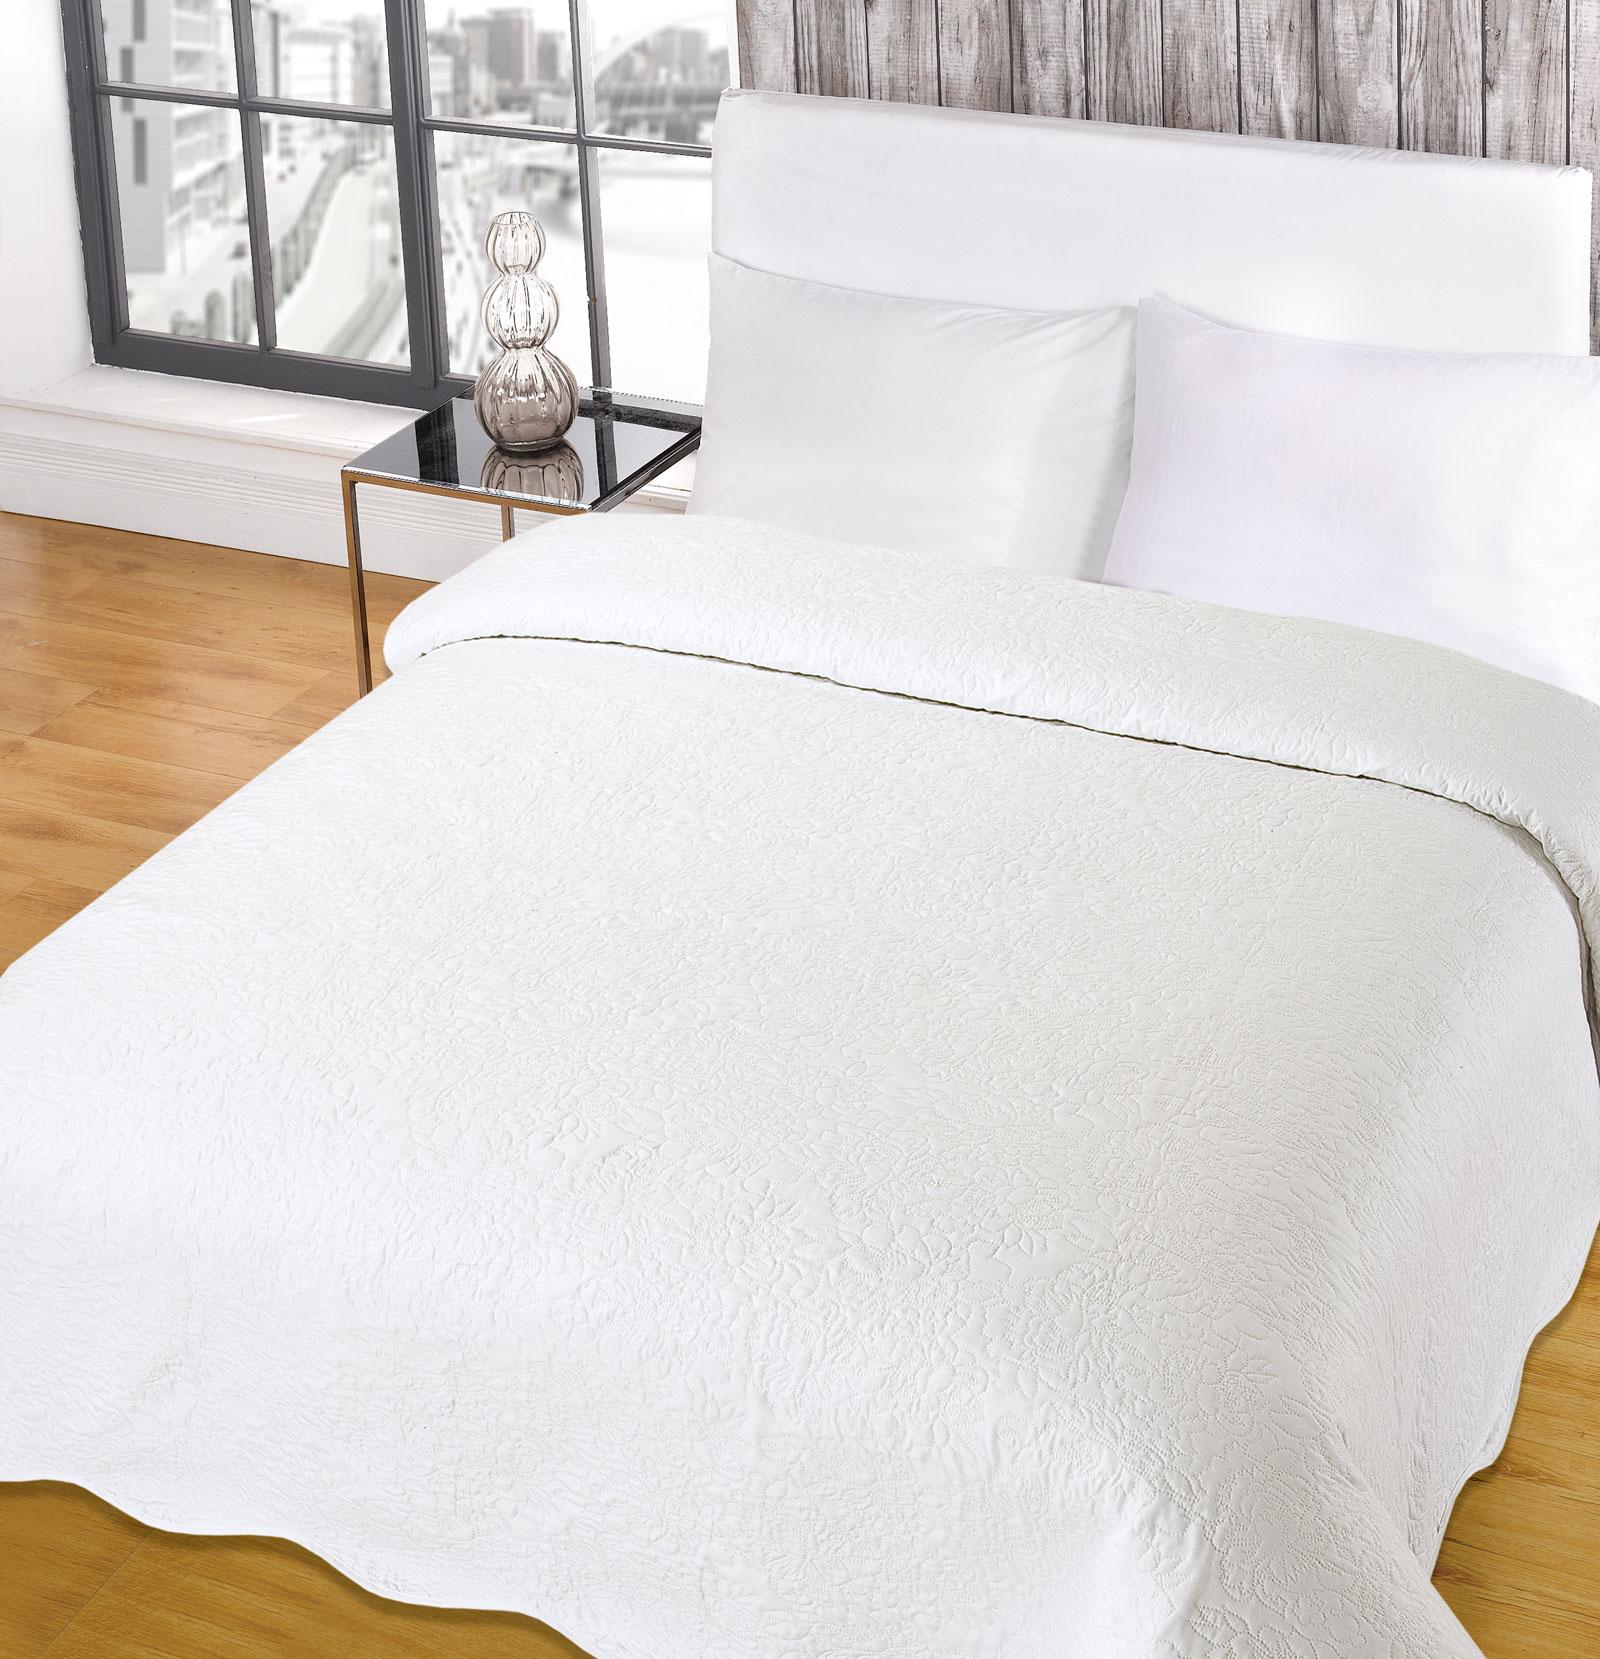 luxueux brod couvre lit vintage couette couverture throw canard blanc doeuf - Couverture Lit